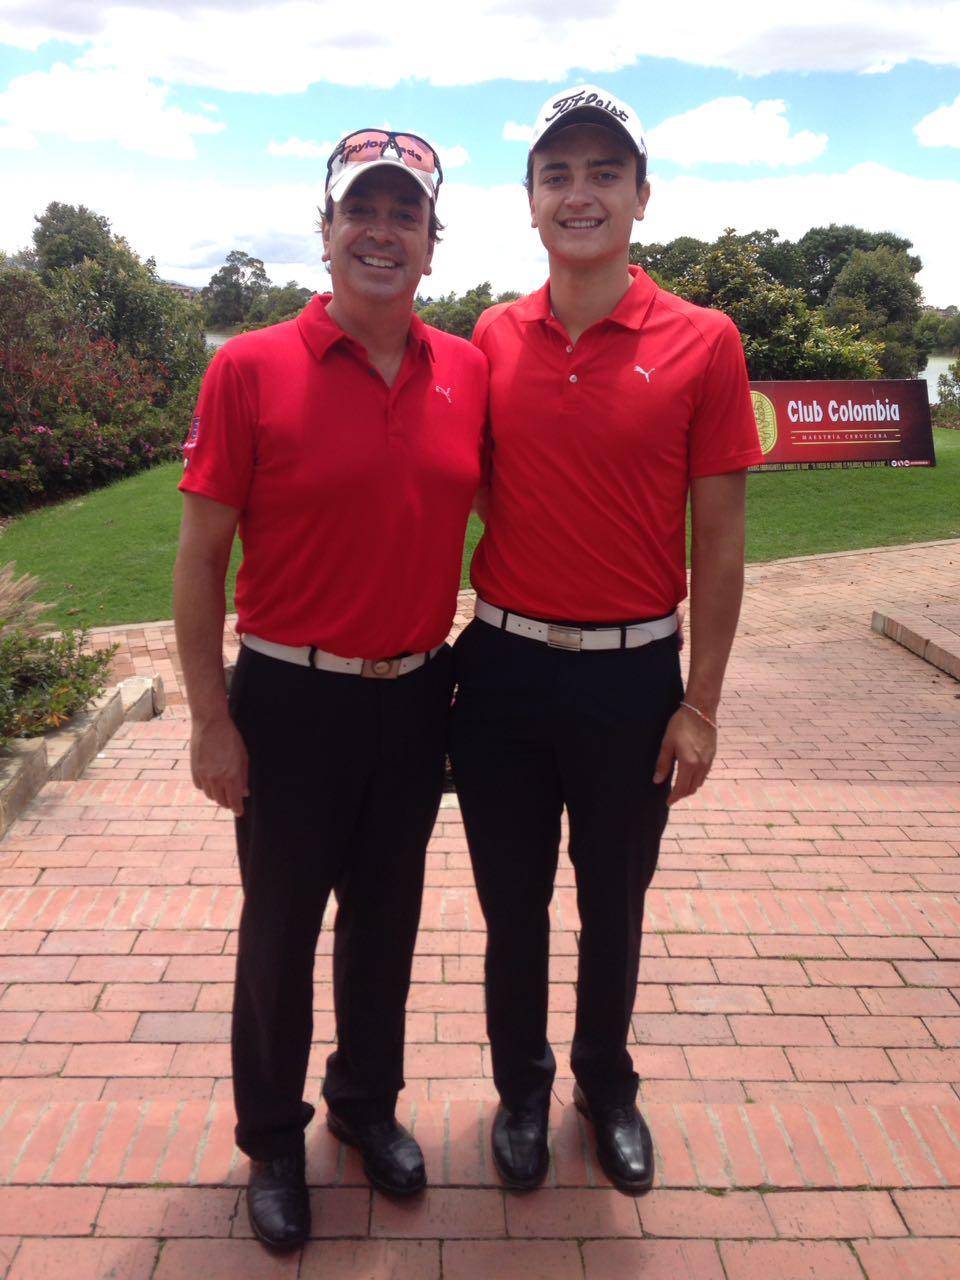 Andrés Valderrama y Felipe Valderrama, ganadores de la primera parada del Club Colombia Tour // Foto: GolfLink